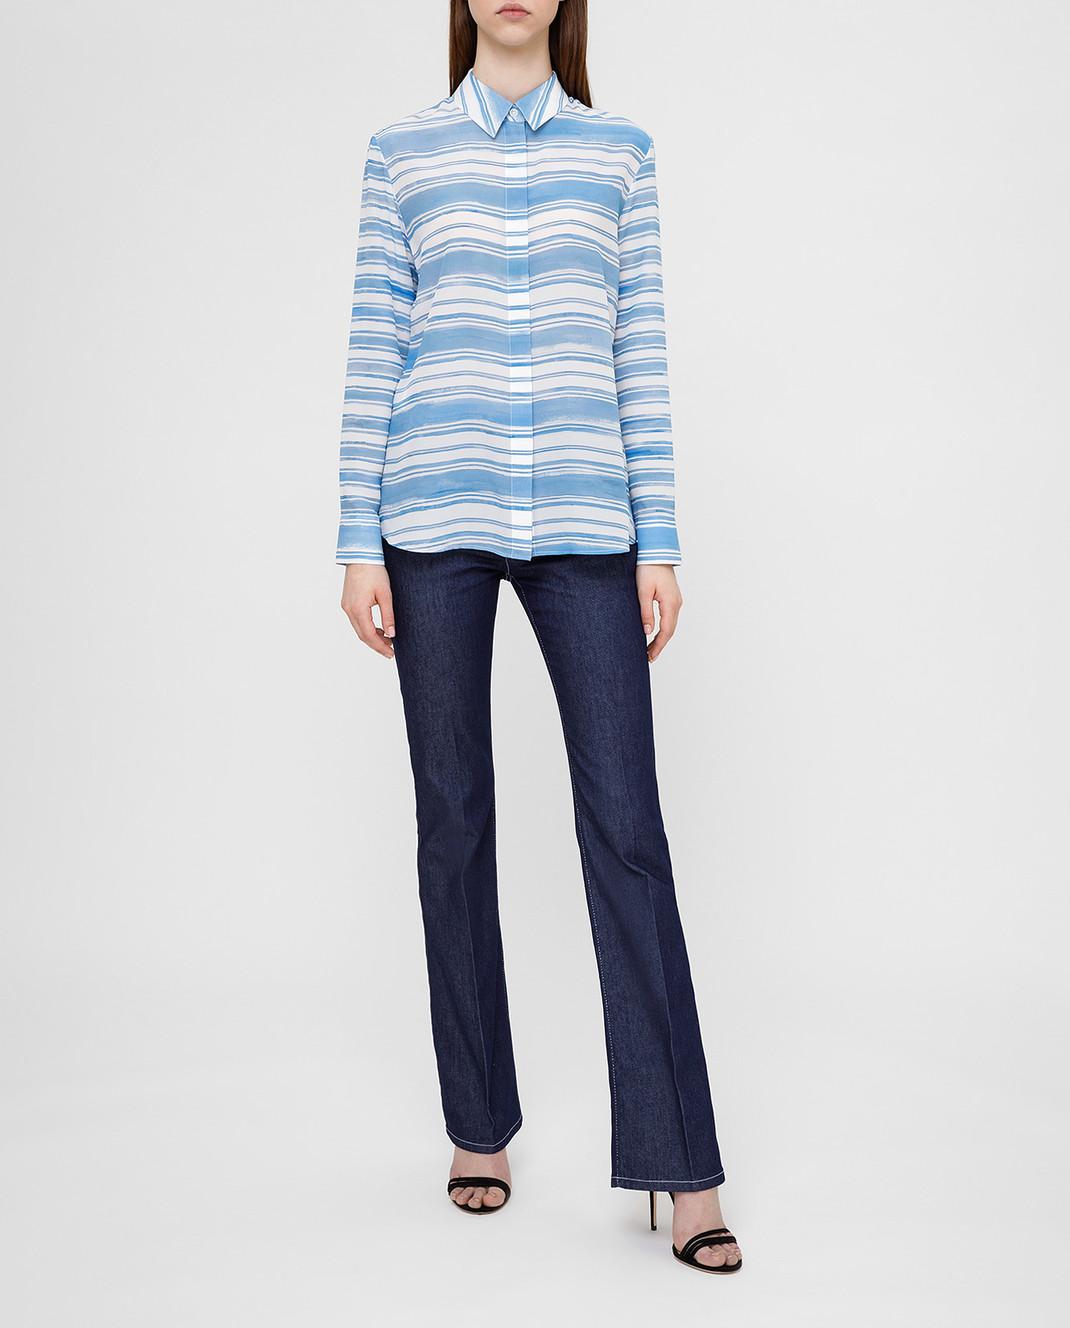 Altuzarra Голубая рубашка из шелка изображение 2